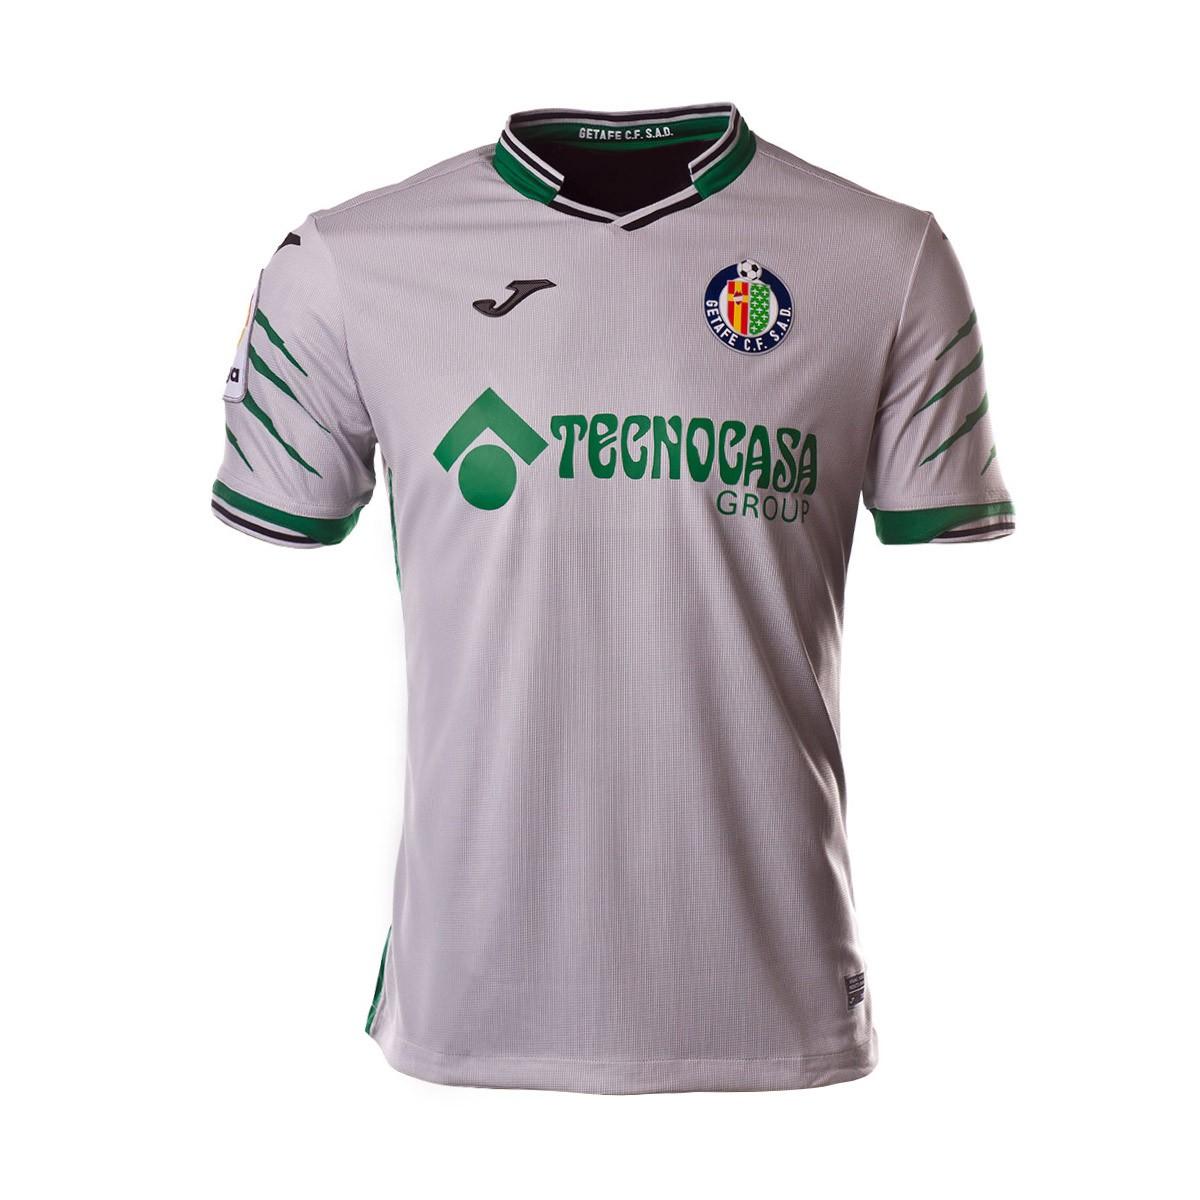 e93478b7a4d2e Camiseta Joma Getafe CF Tercera Equipación 2018-2019 Gris - Tienda de fútbol  Fútbol Emotion